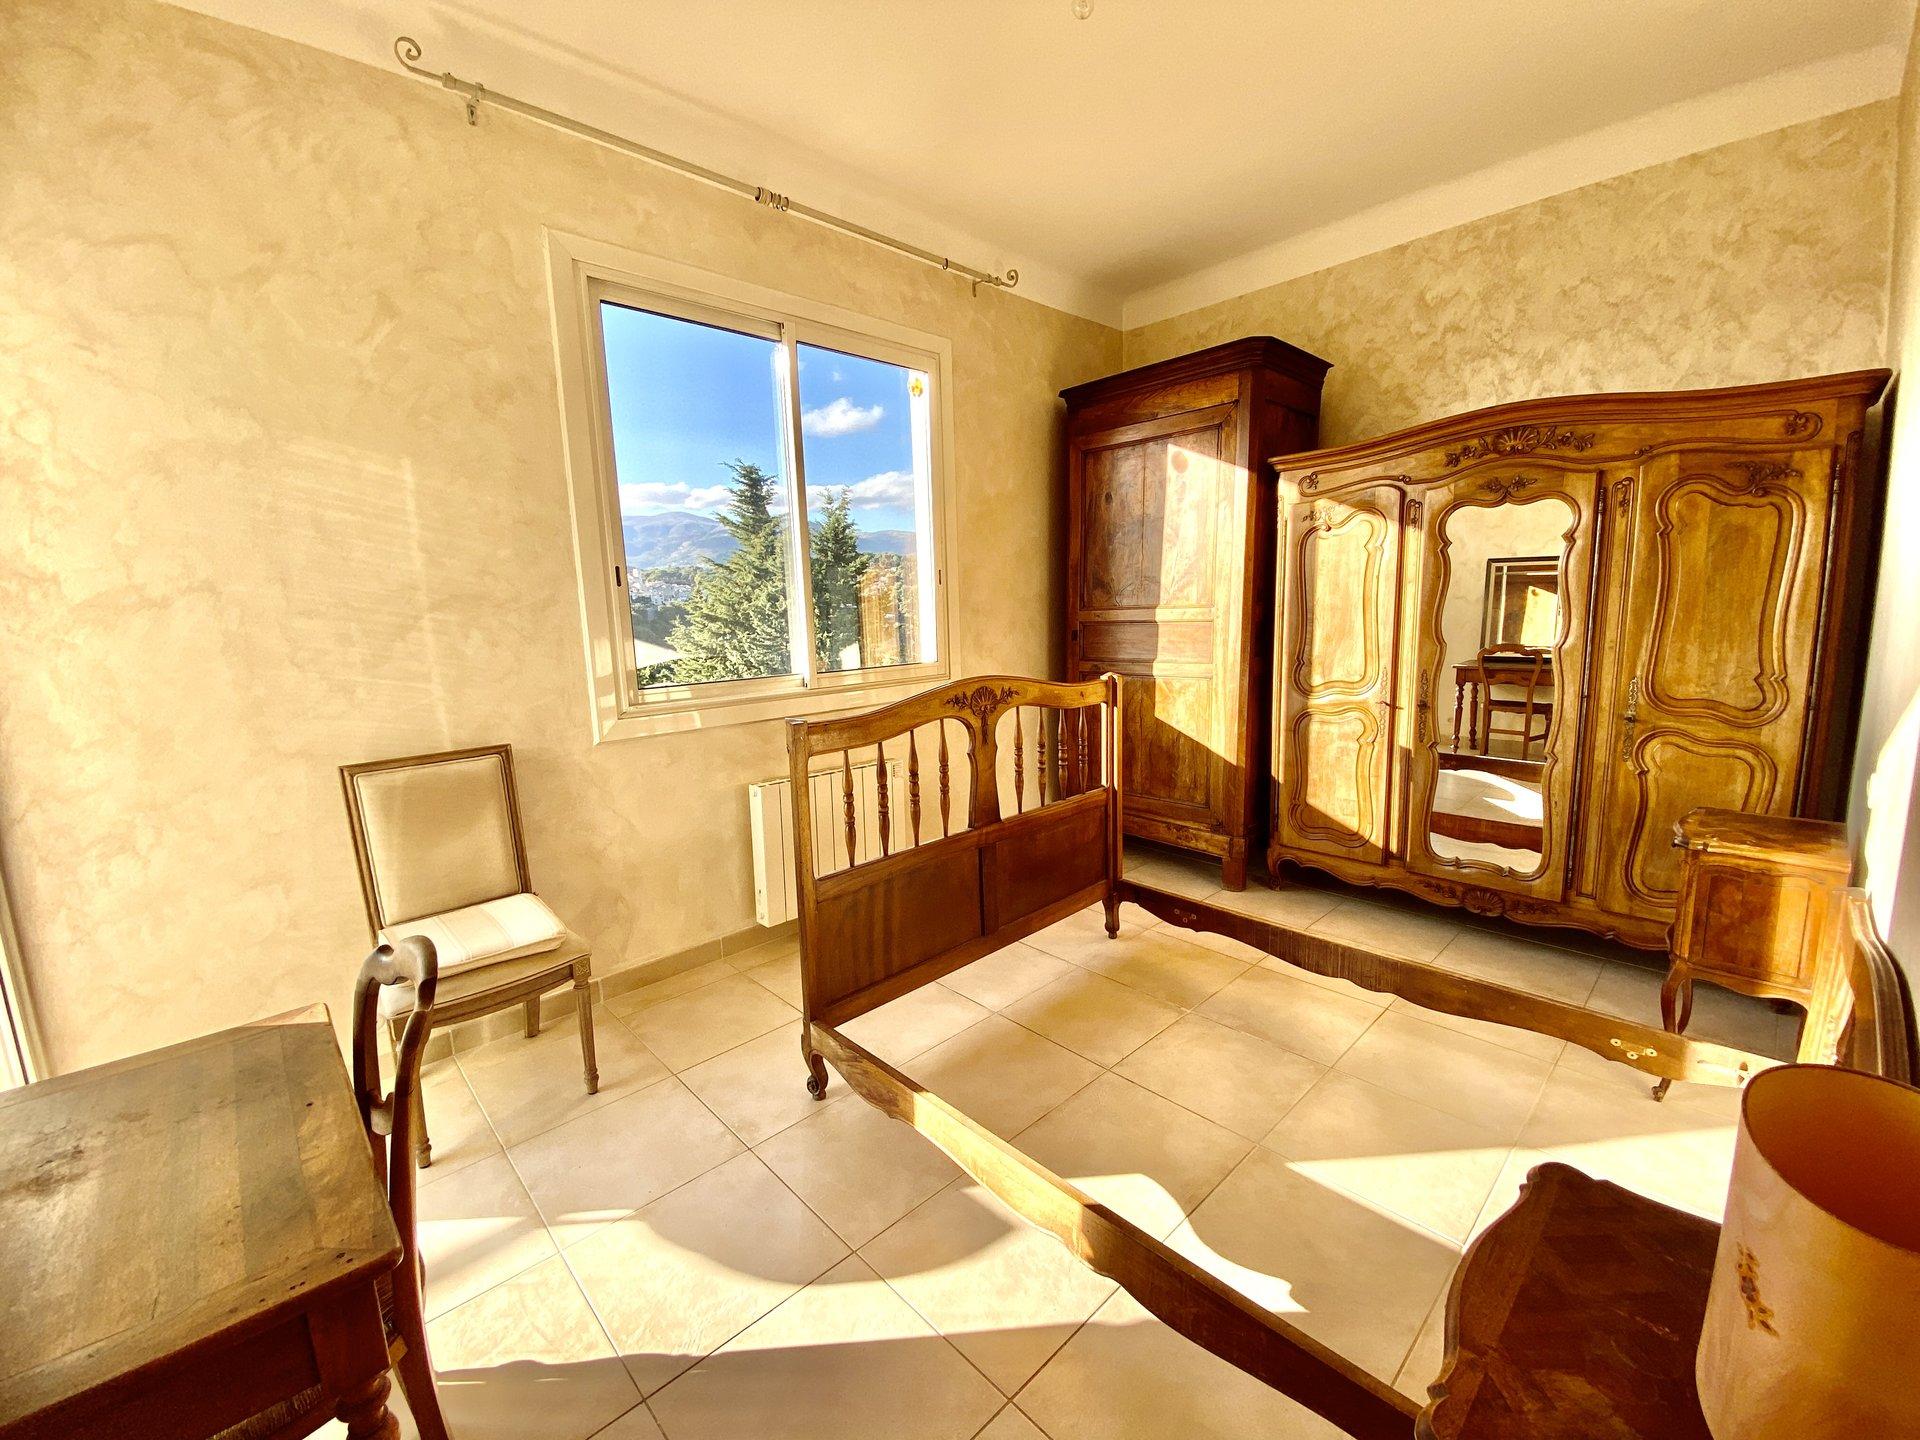 Detached villa, Saint paul de vence, dominant, bright, big potential